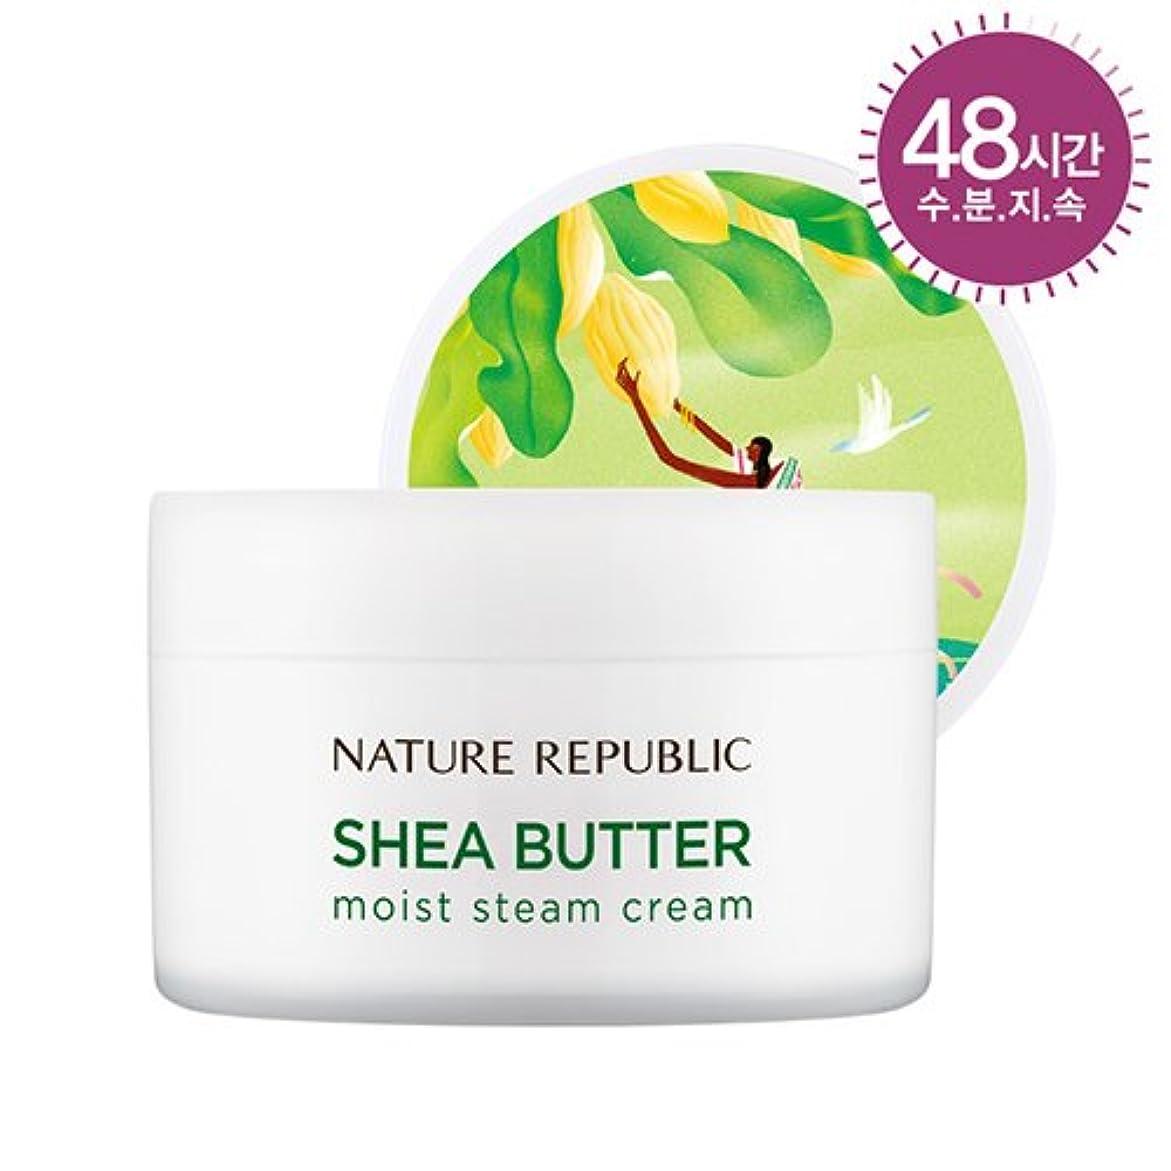 [ネイチャーリパブリック] NATURE REPUBLIC [スチームクリーム 100ml] (Shea Butter Steam Cream 100ml) (02 Moist Steam Cream) [並行輸入品]